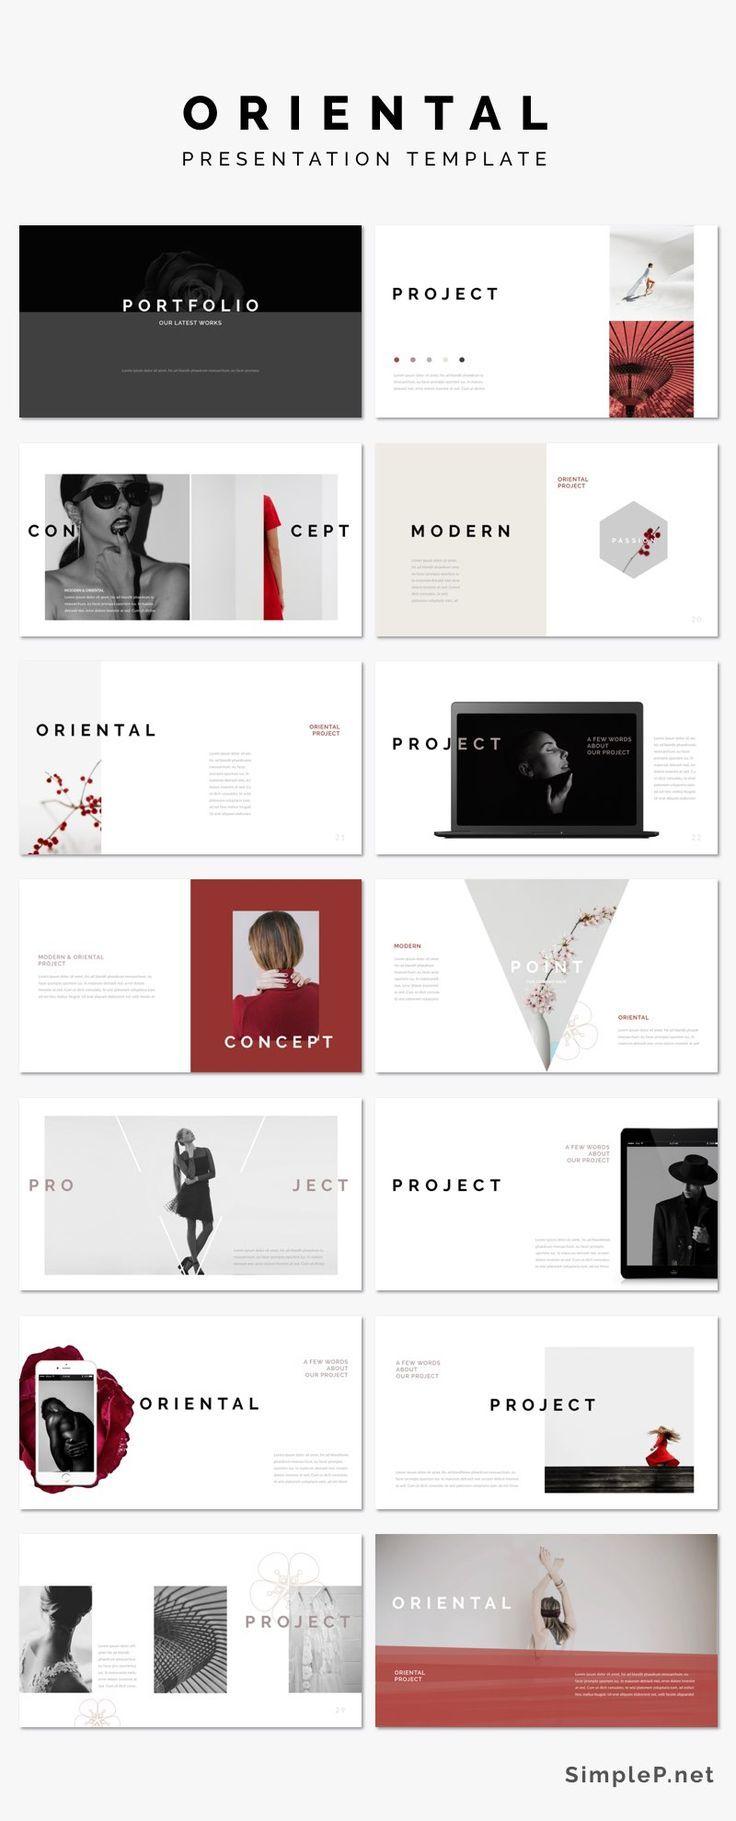 Oriental PowerPoint Template | Buch-Layouts, Präsentation und Layout